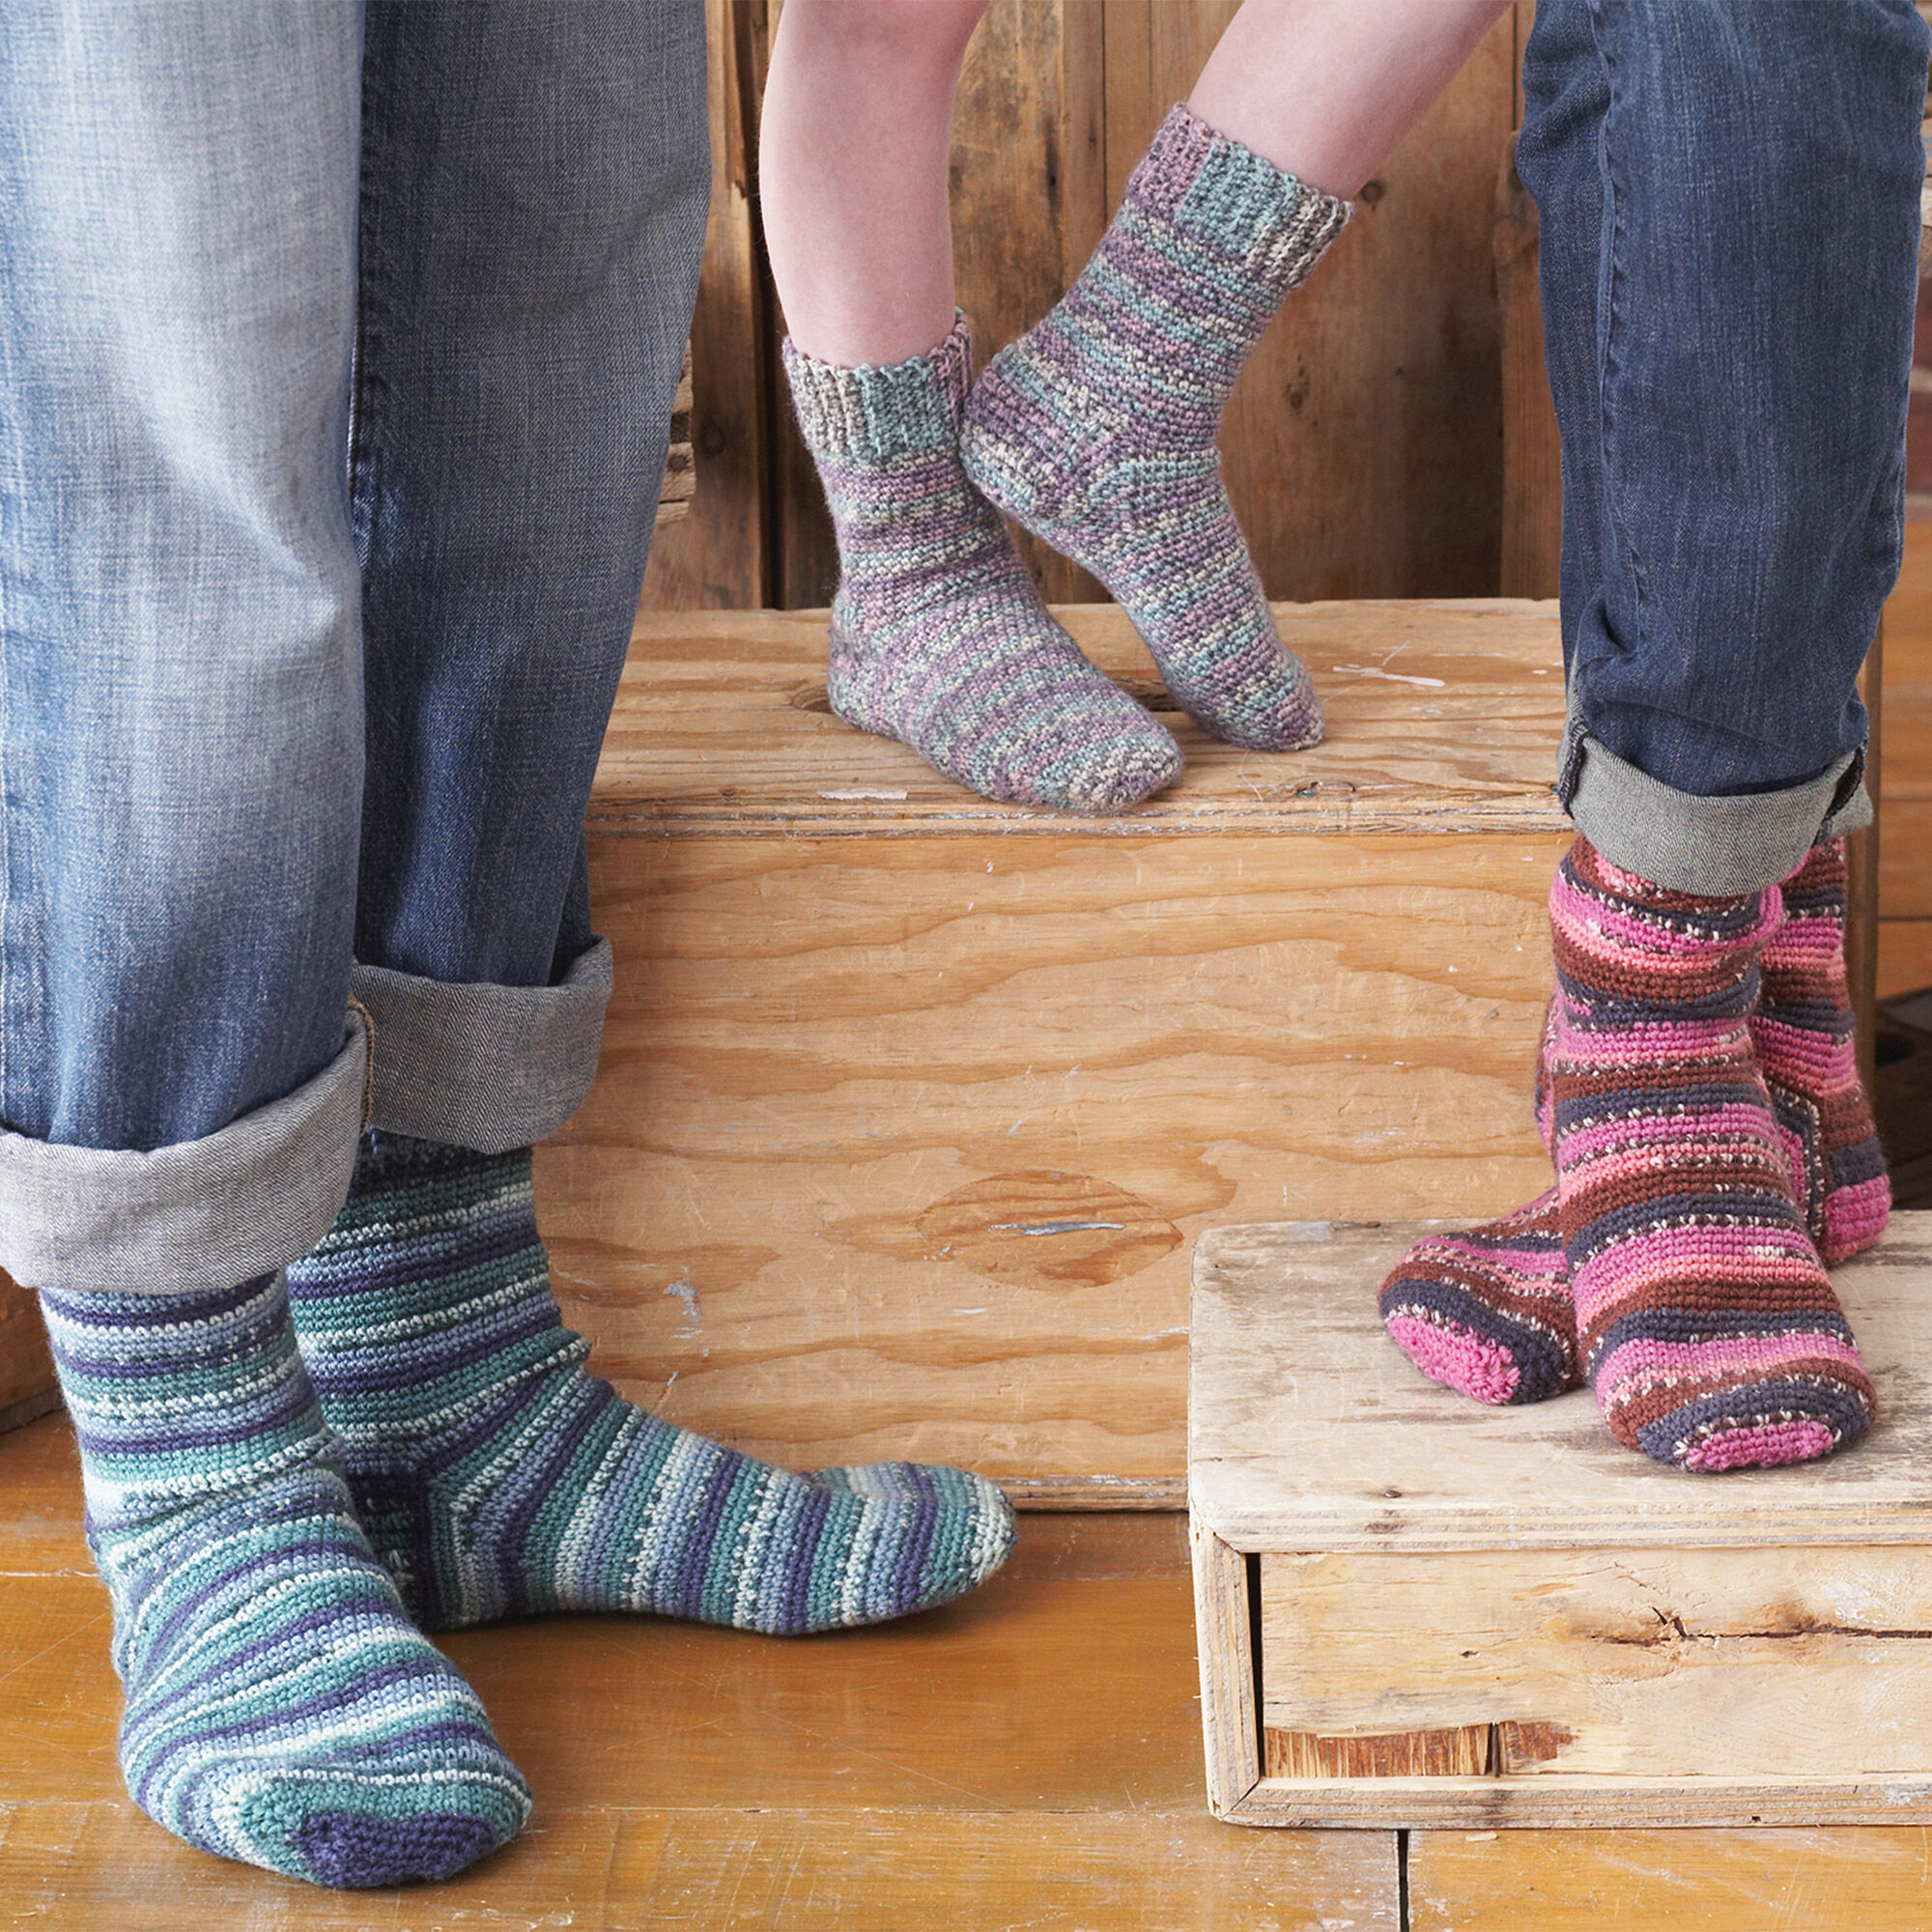 How to crochet socks